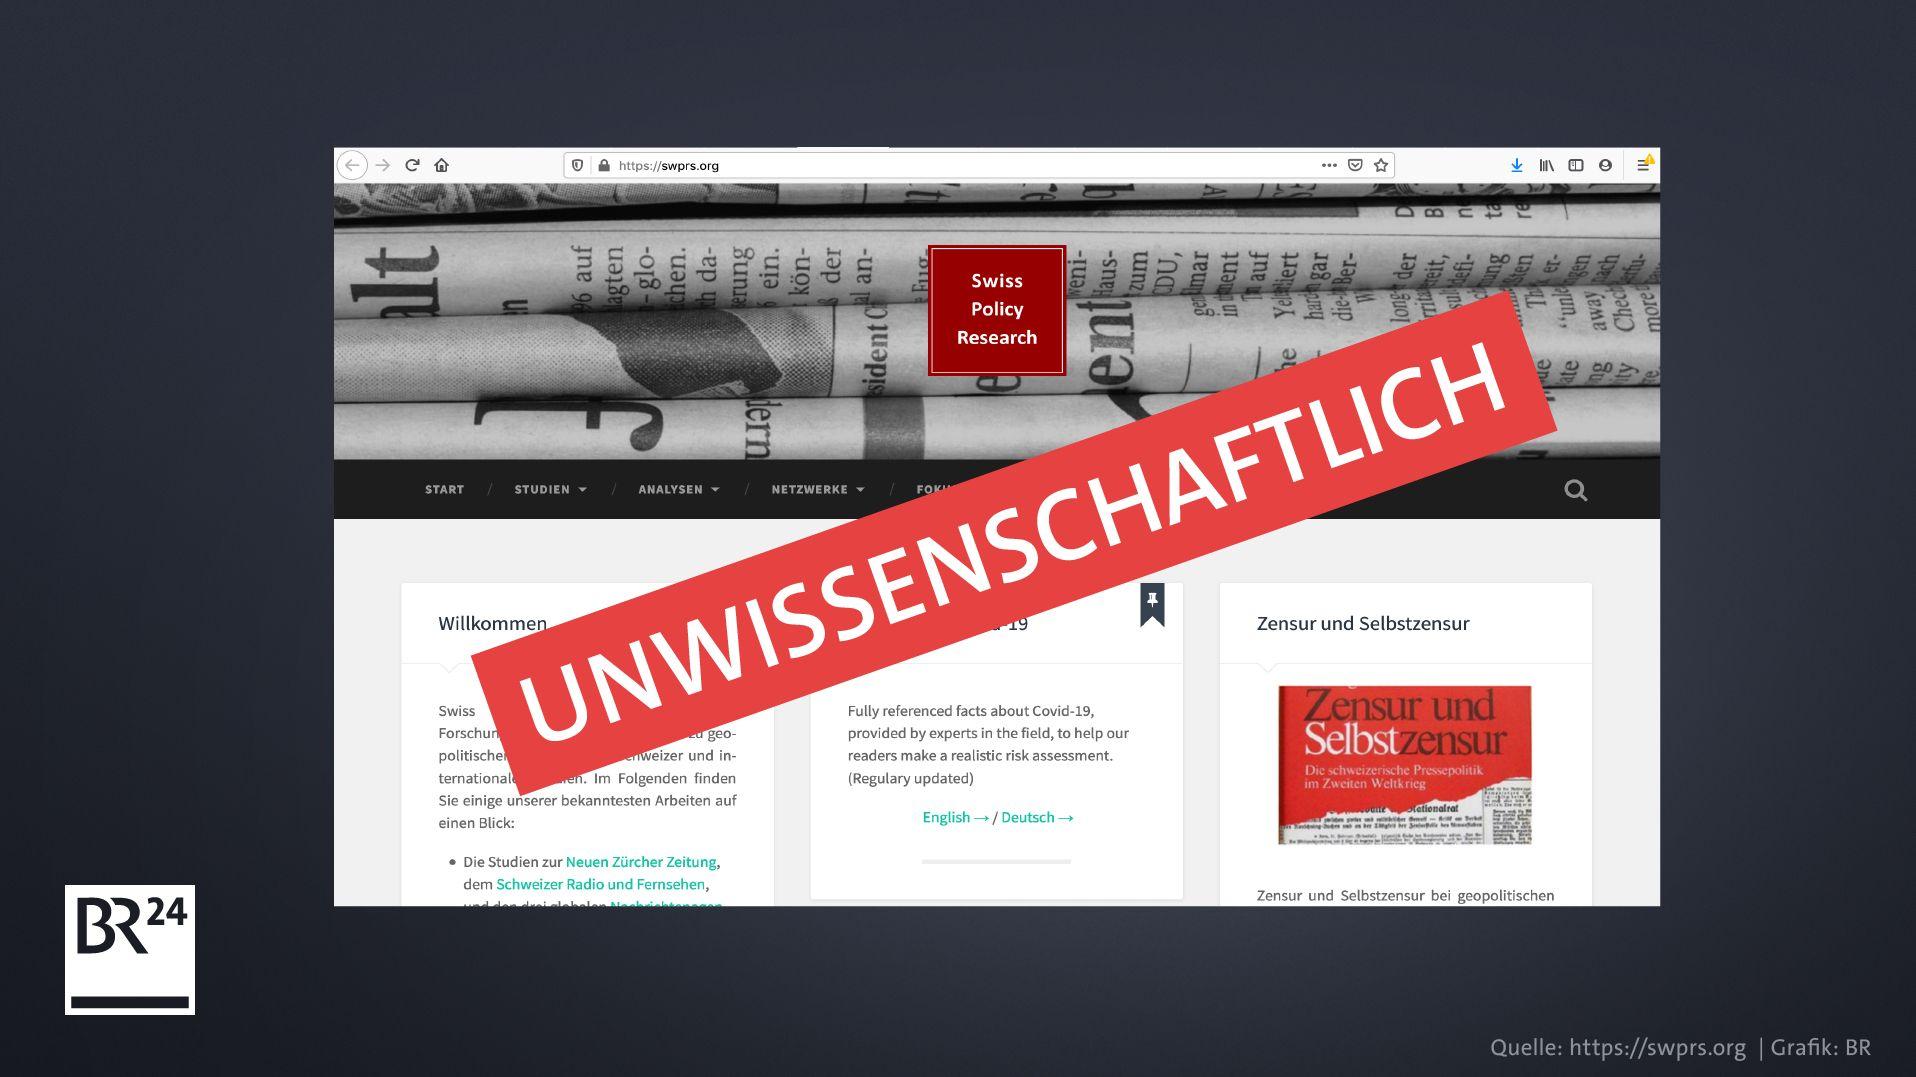 """Ein Screenshot der Webseite """"Swiss Policy Research"""", die als unwissenschaftlich einzustufen ist"""